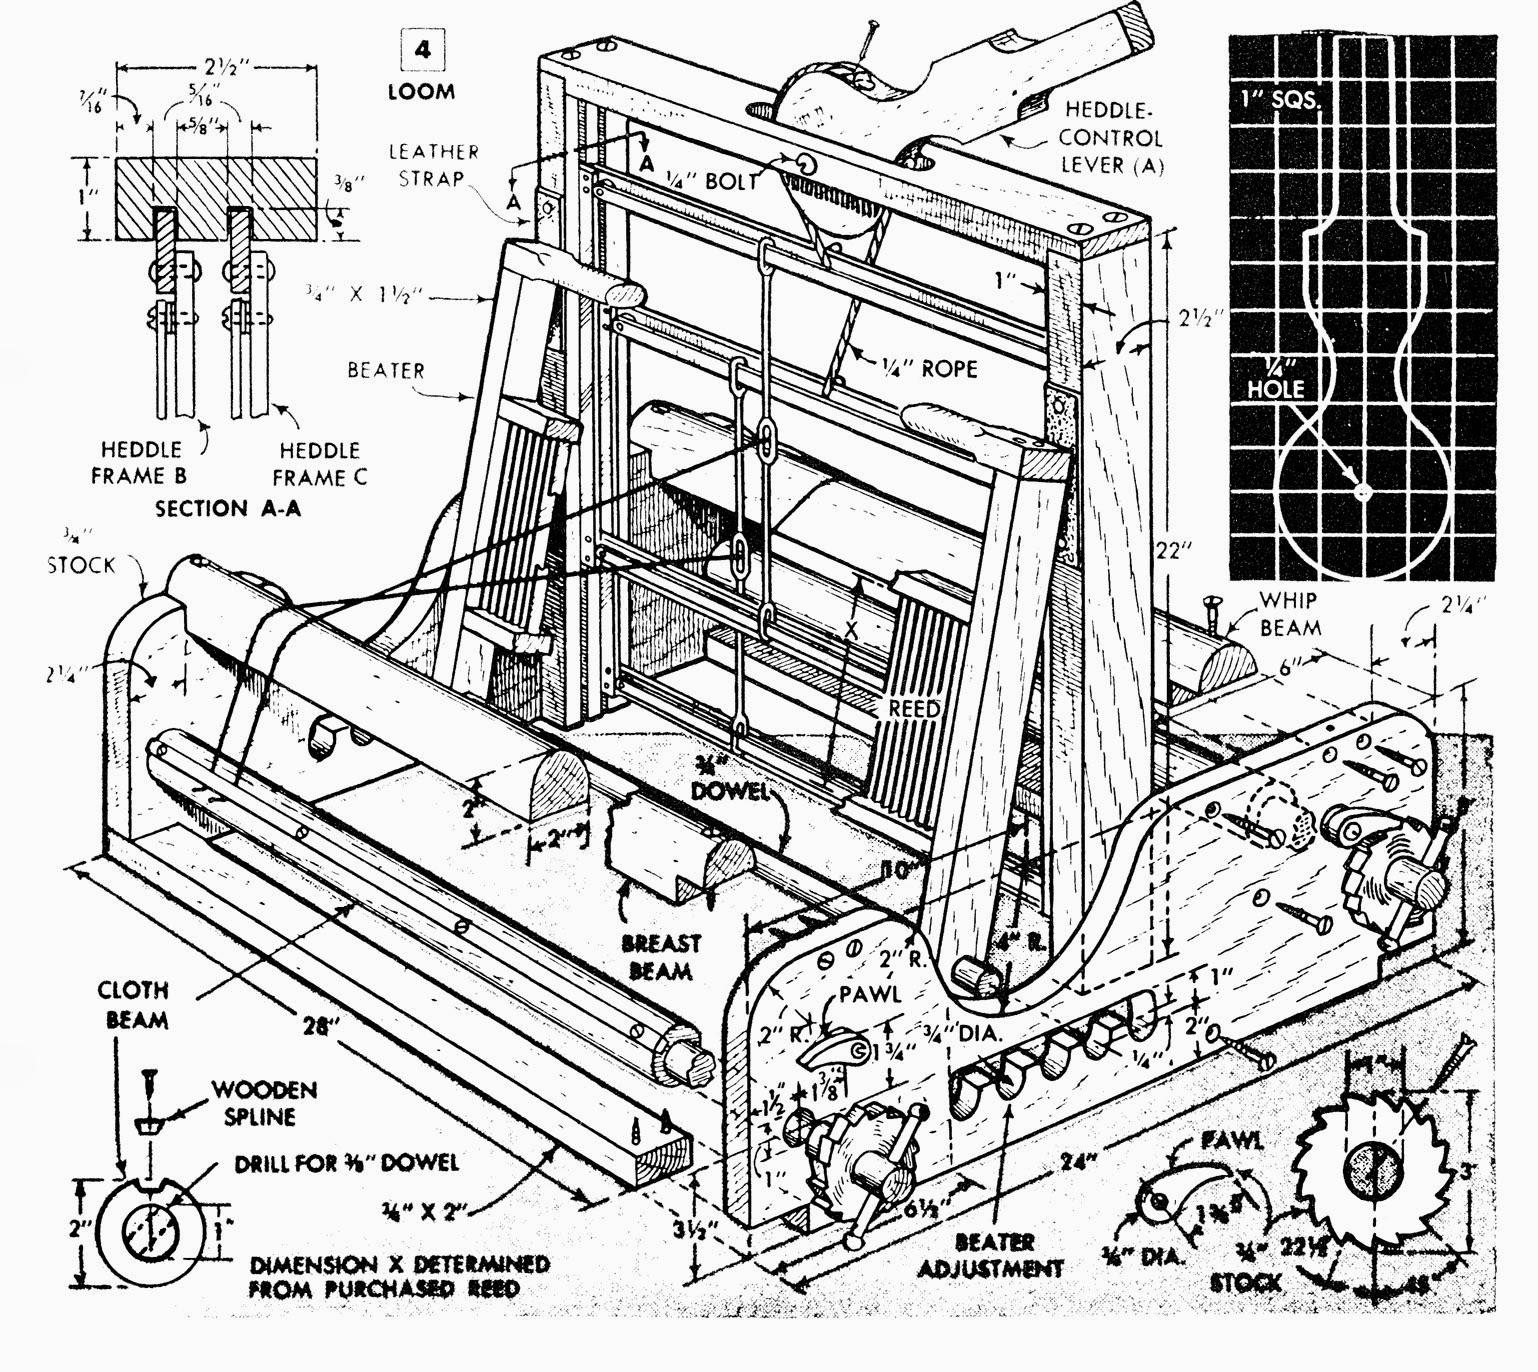 Nissan Figaro Wiring Diagram